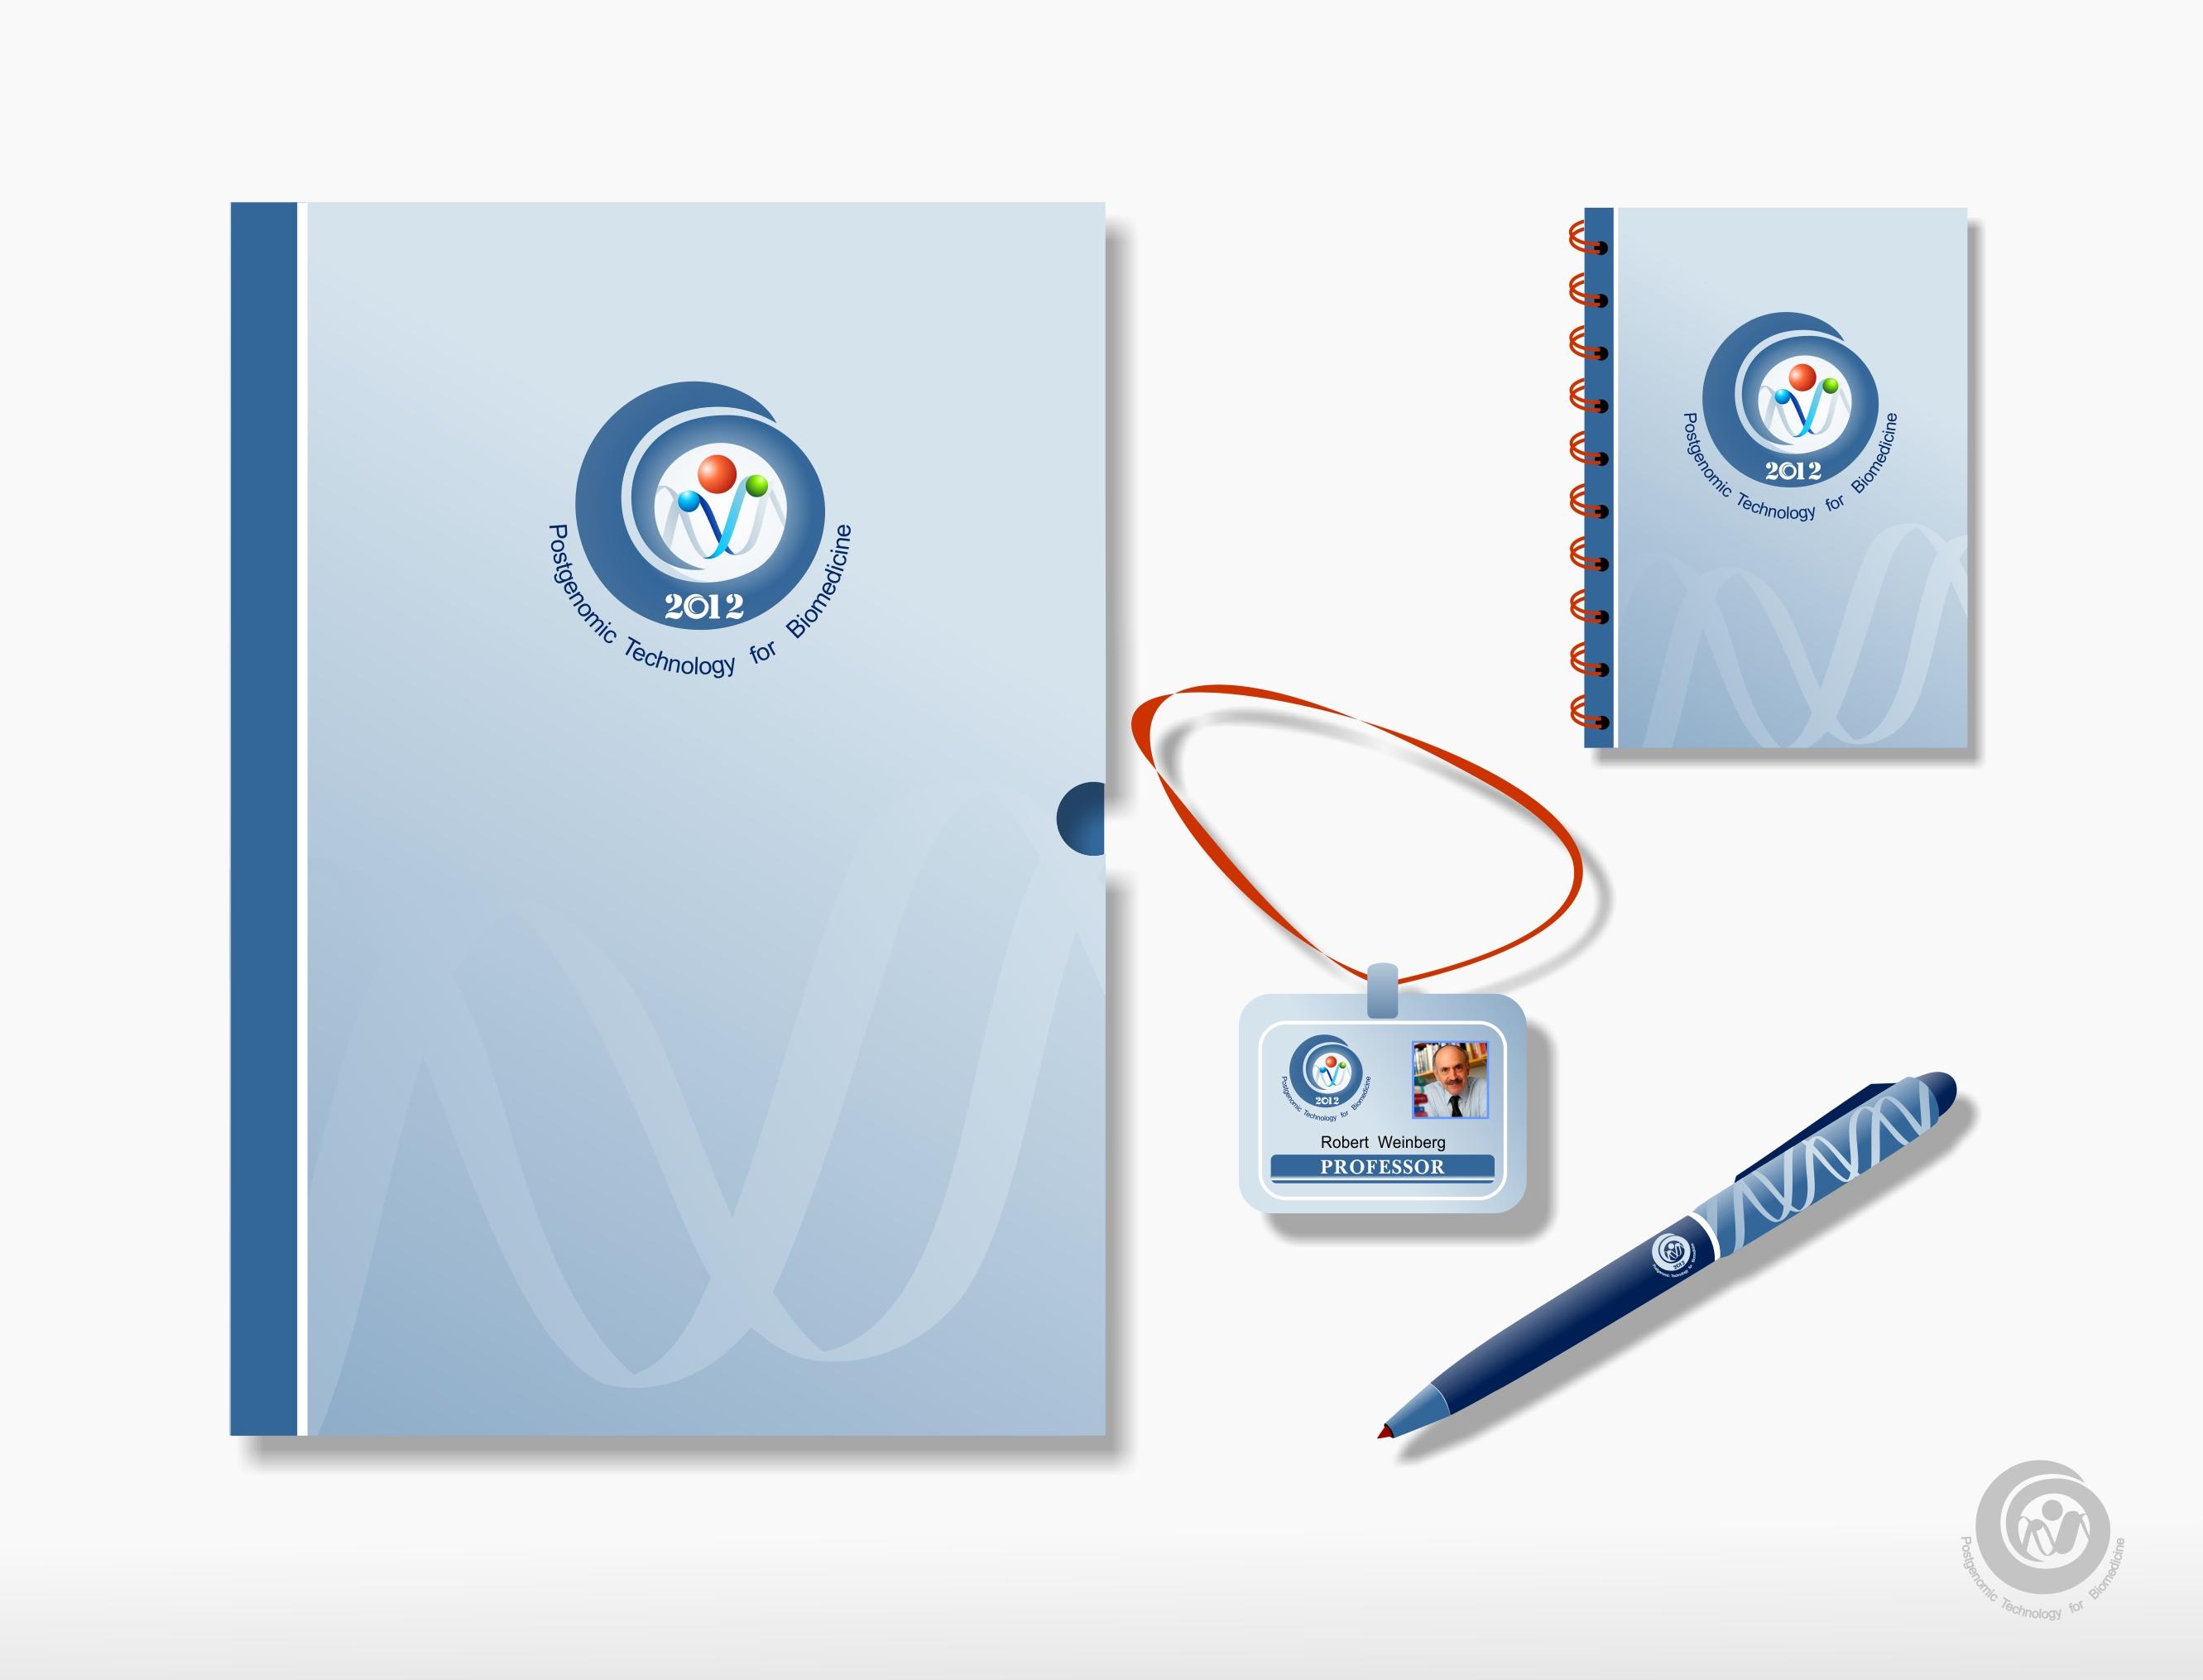 Эмблема и фирменный стиль научной конференции фото f_4f8eee7880615.jpg